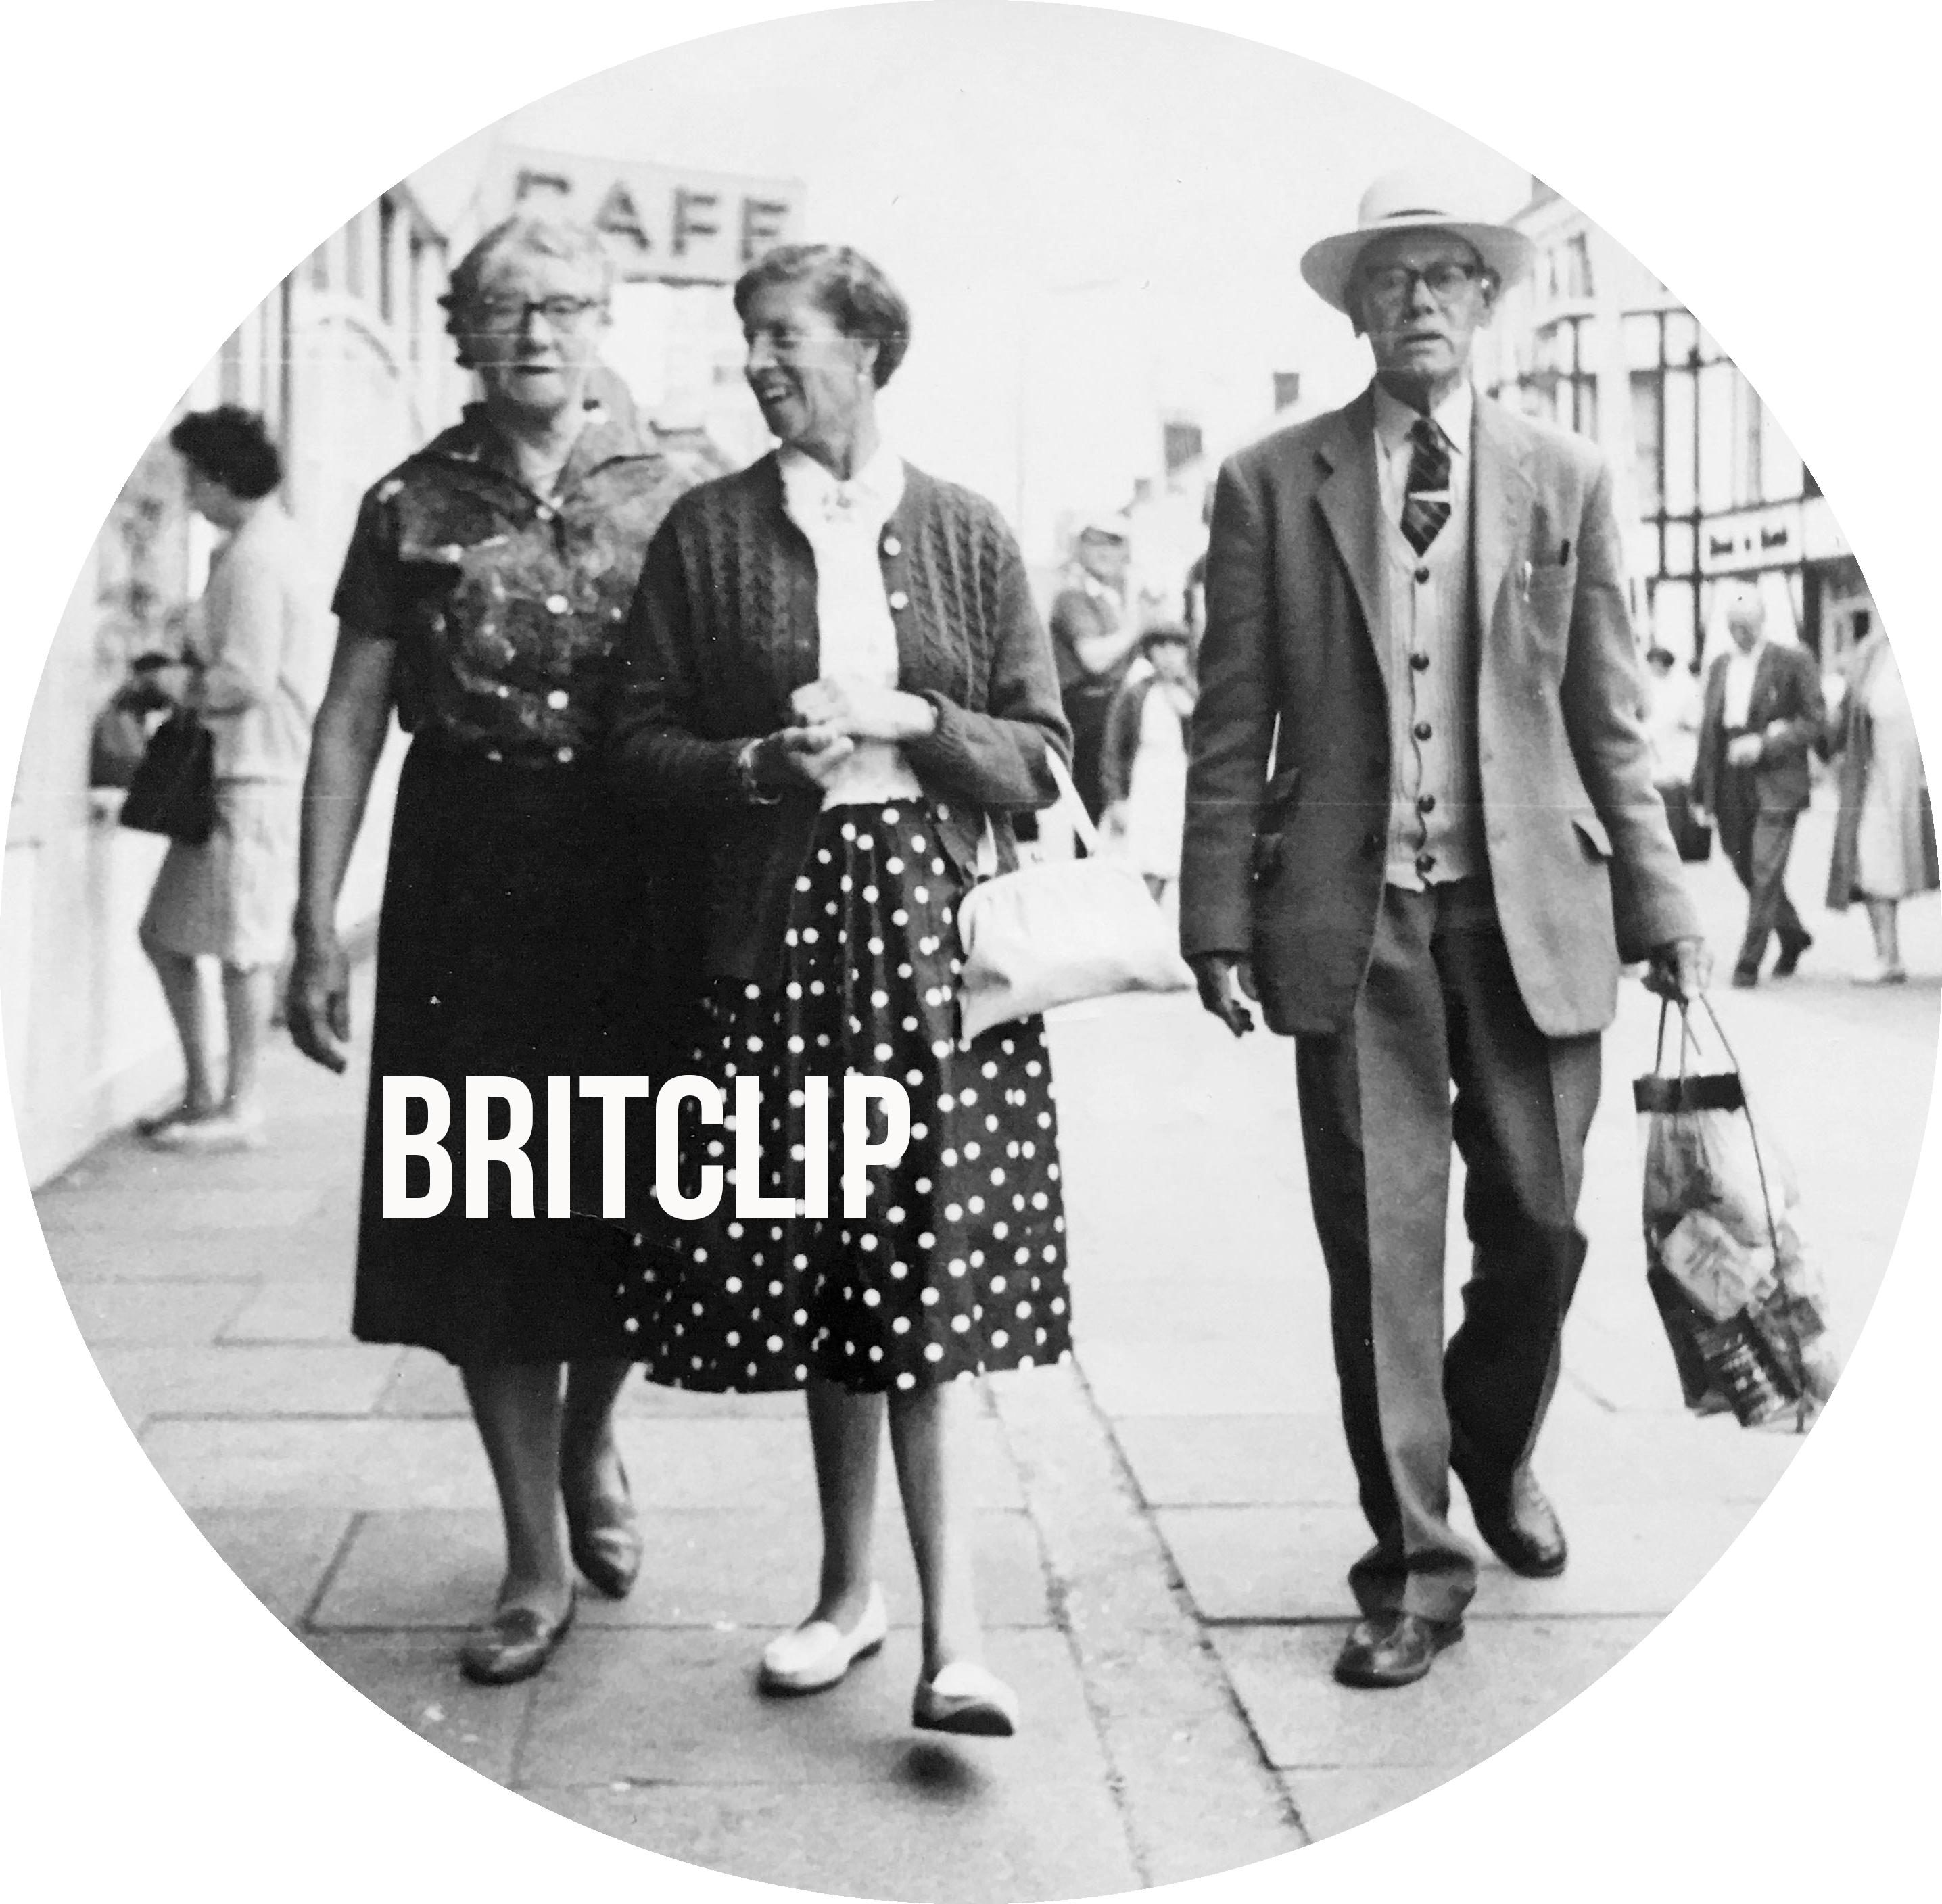 britclip.co.uk